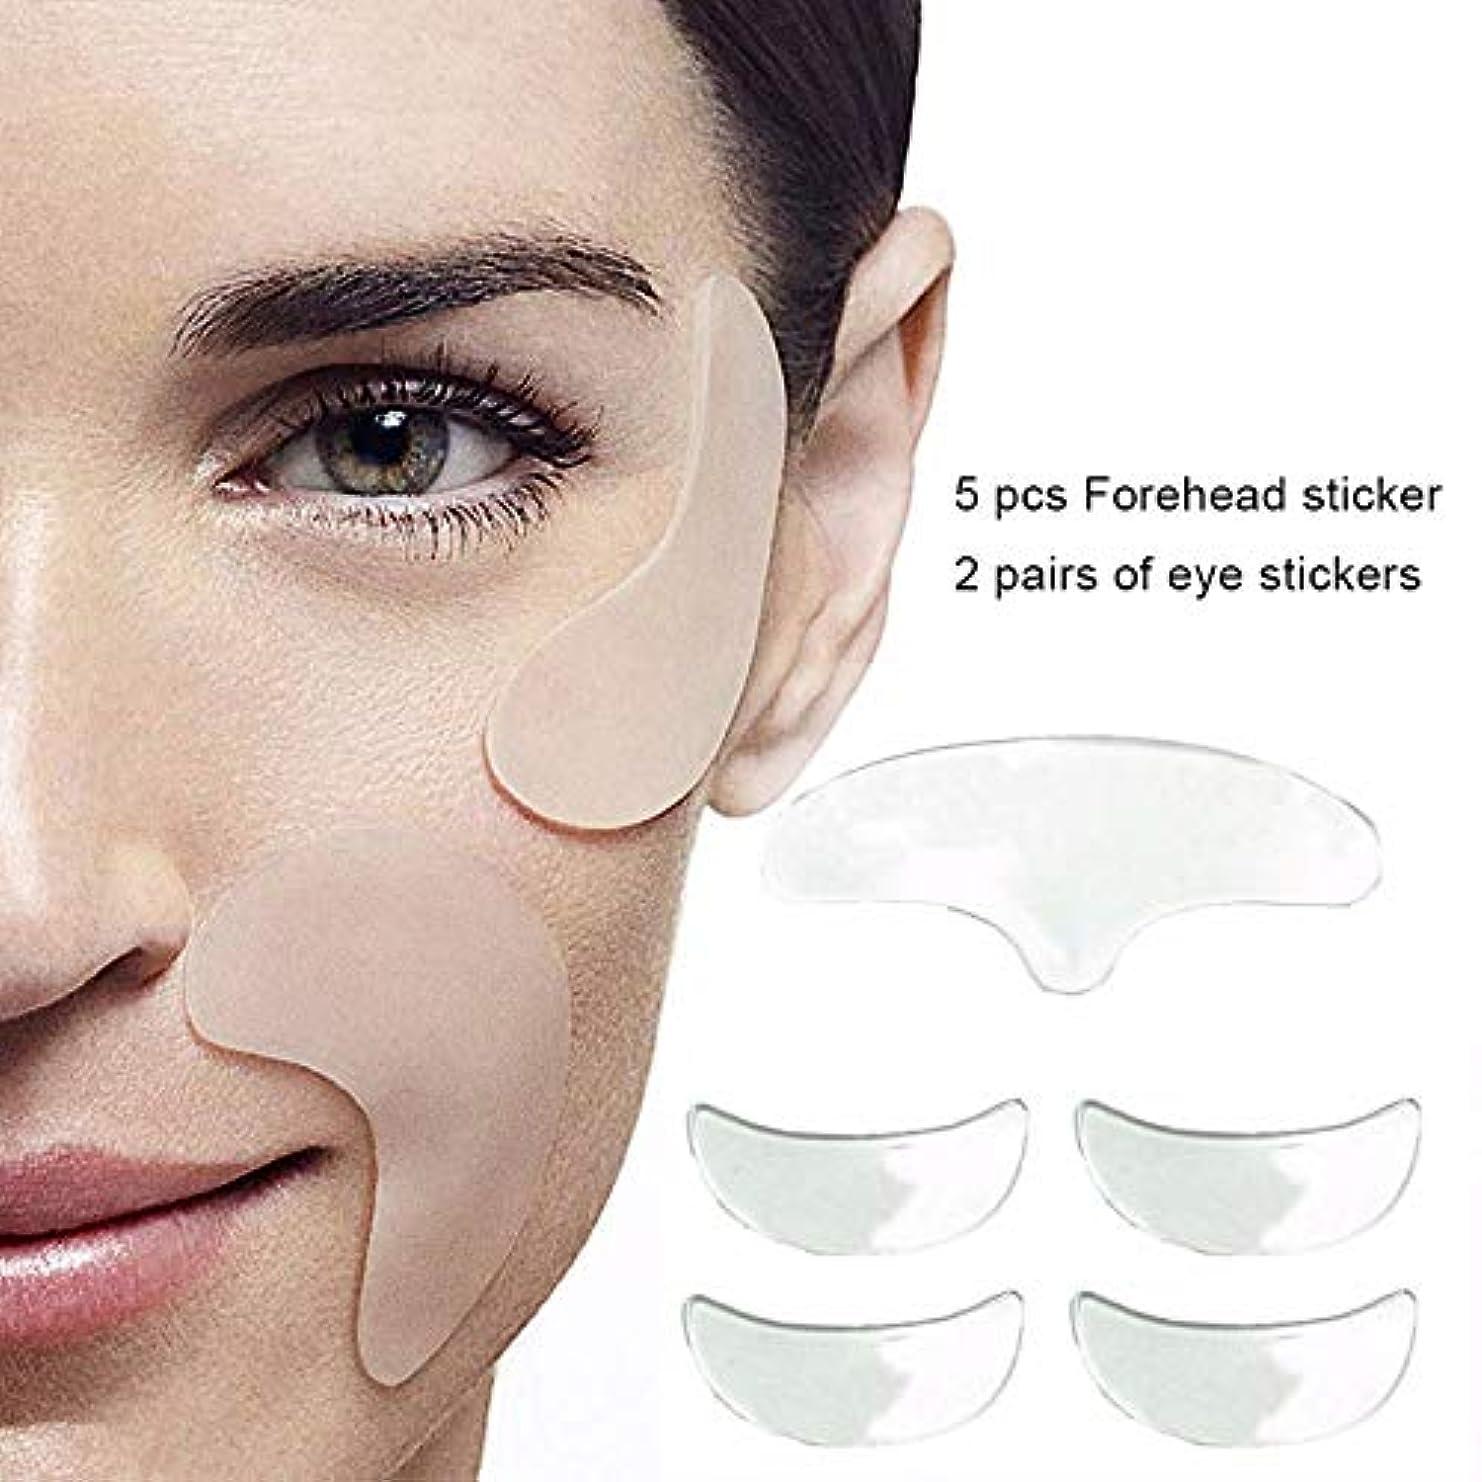 前投薬知覚する下線Rabugoo 女性のアンチリンクルアイフェイスパッド再使用可能なシリコーンインビジブルフェイスパッドアンチエイジング防止顔のしわ